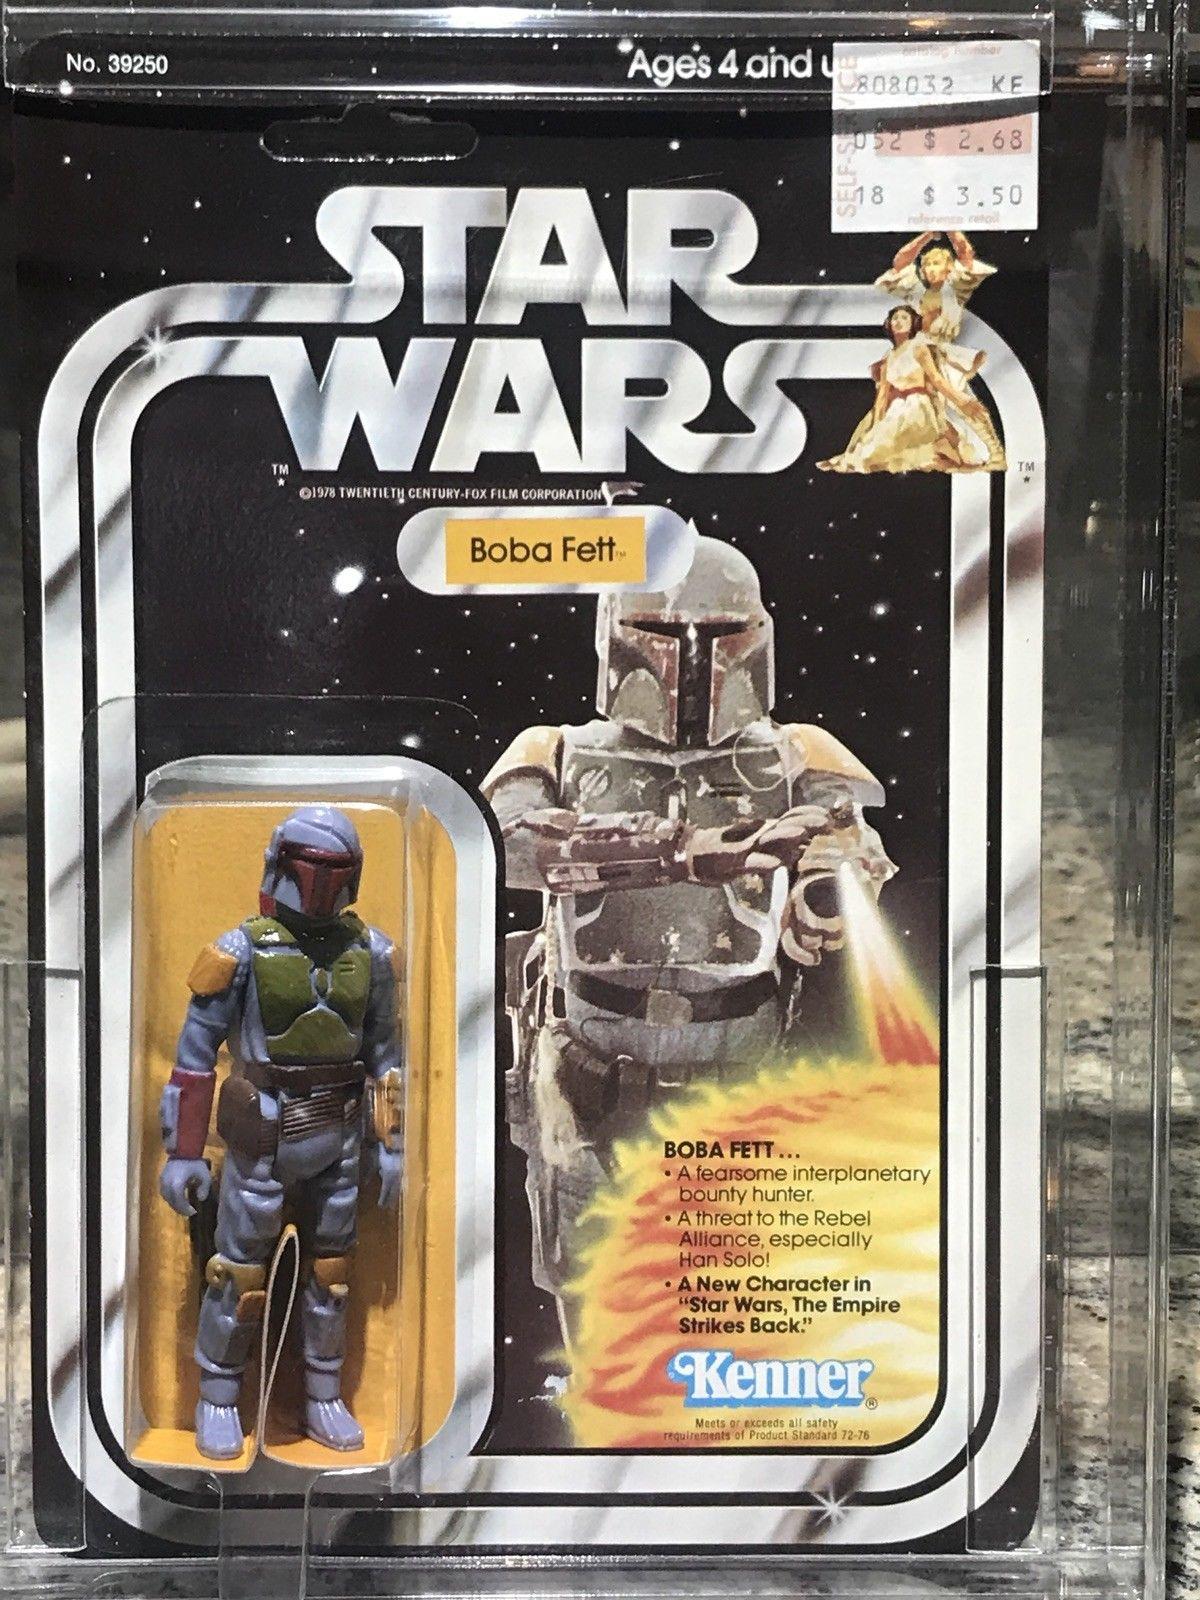 Vintage Star Wars Érdekességek - 41